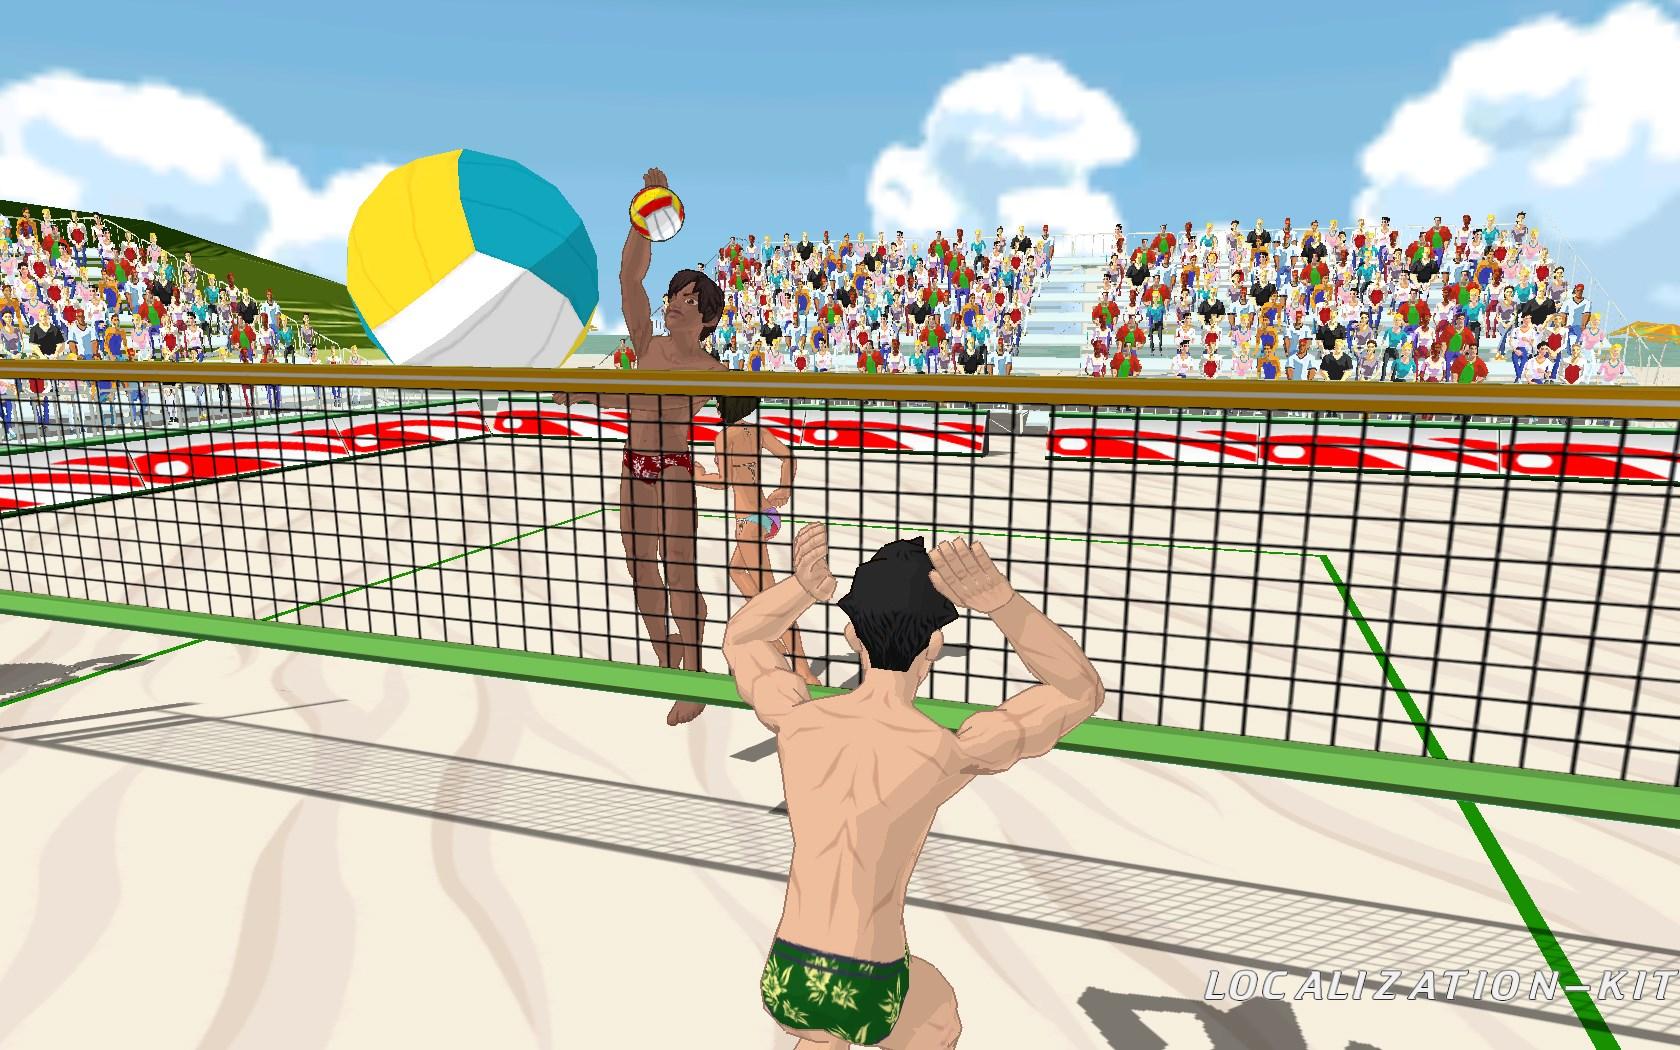 """Улетный пляжный волейбол"""": море, солнце и азарт - Компания """"СофтКлаб"""